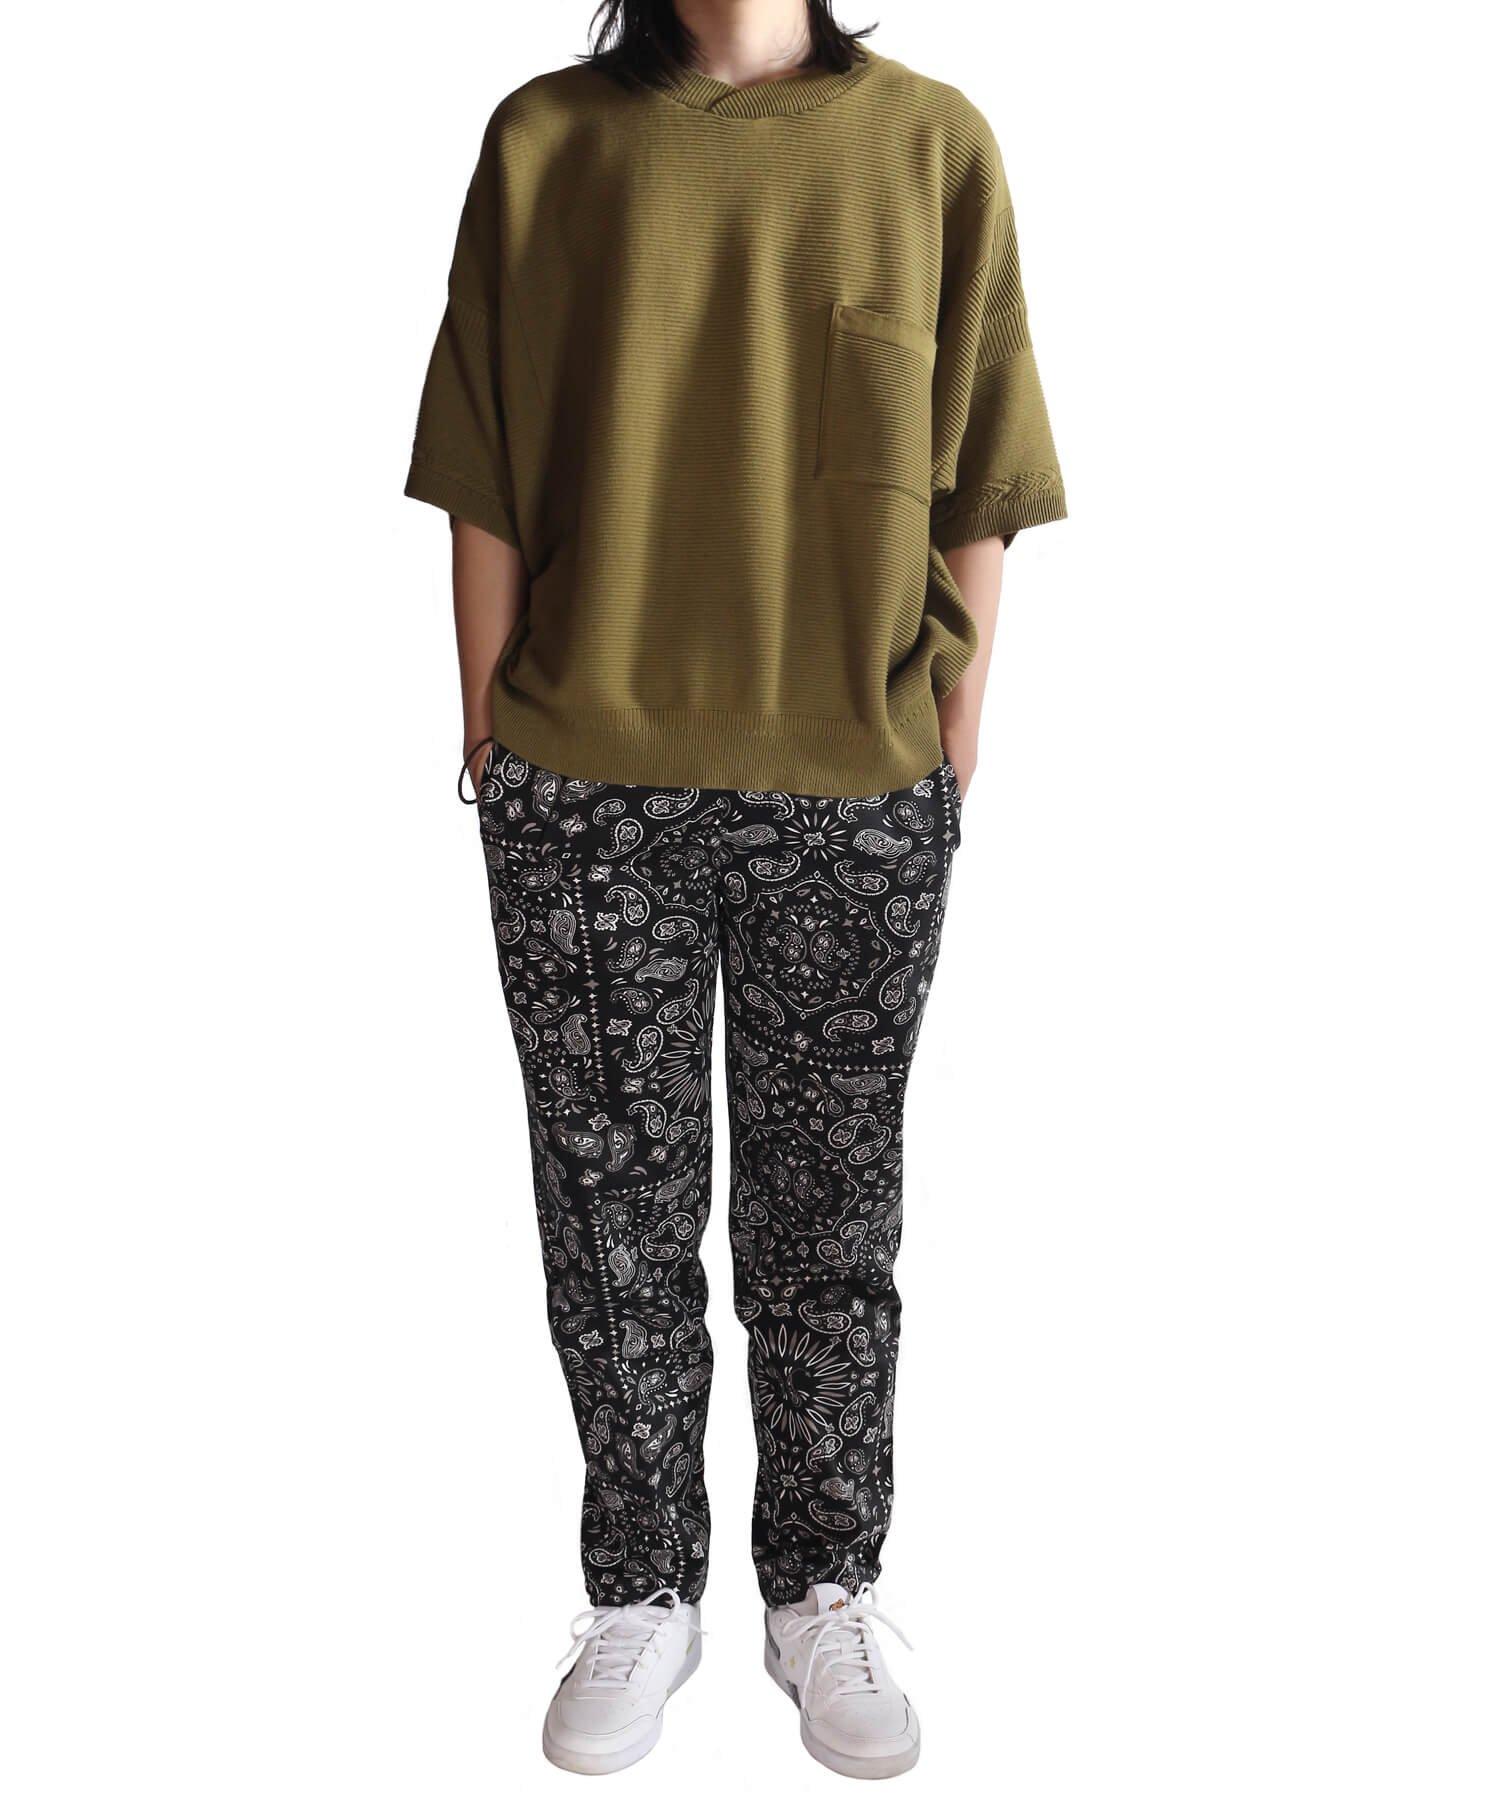 COOKMAN / クックマン   WAITER'S PANTS (PAISLEY BLACK):ウェイターズパンツ 商品画像14